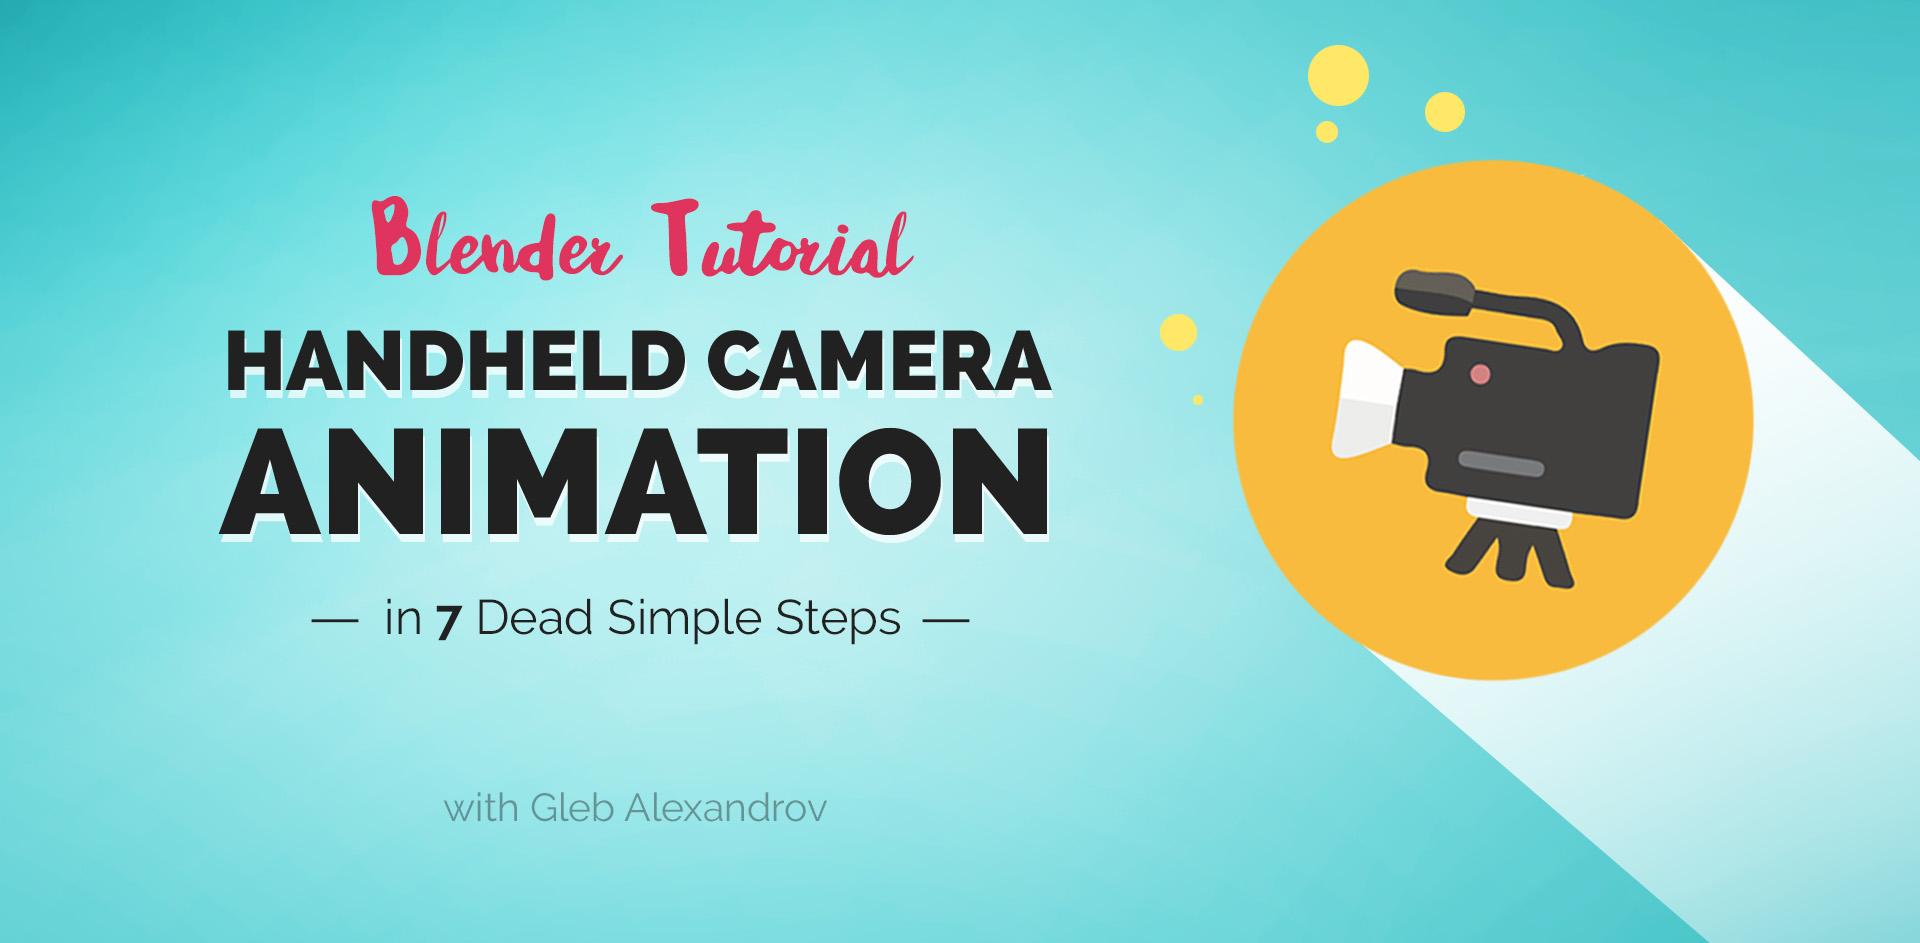 Handheld Camera in Blender (7 Dead Simple Steps) • Creative Shrimp